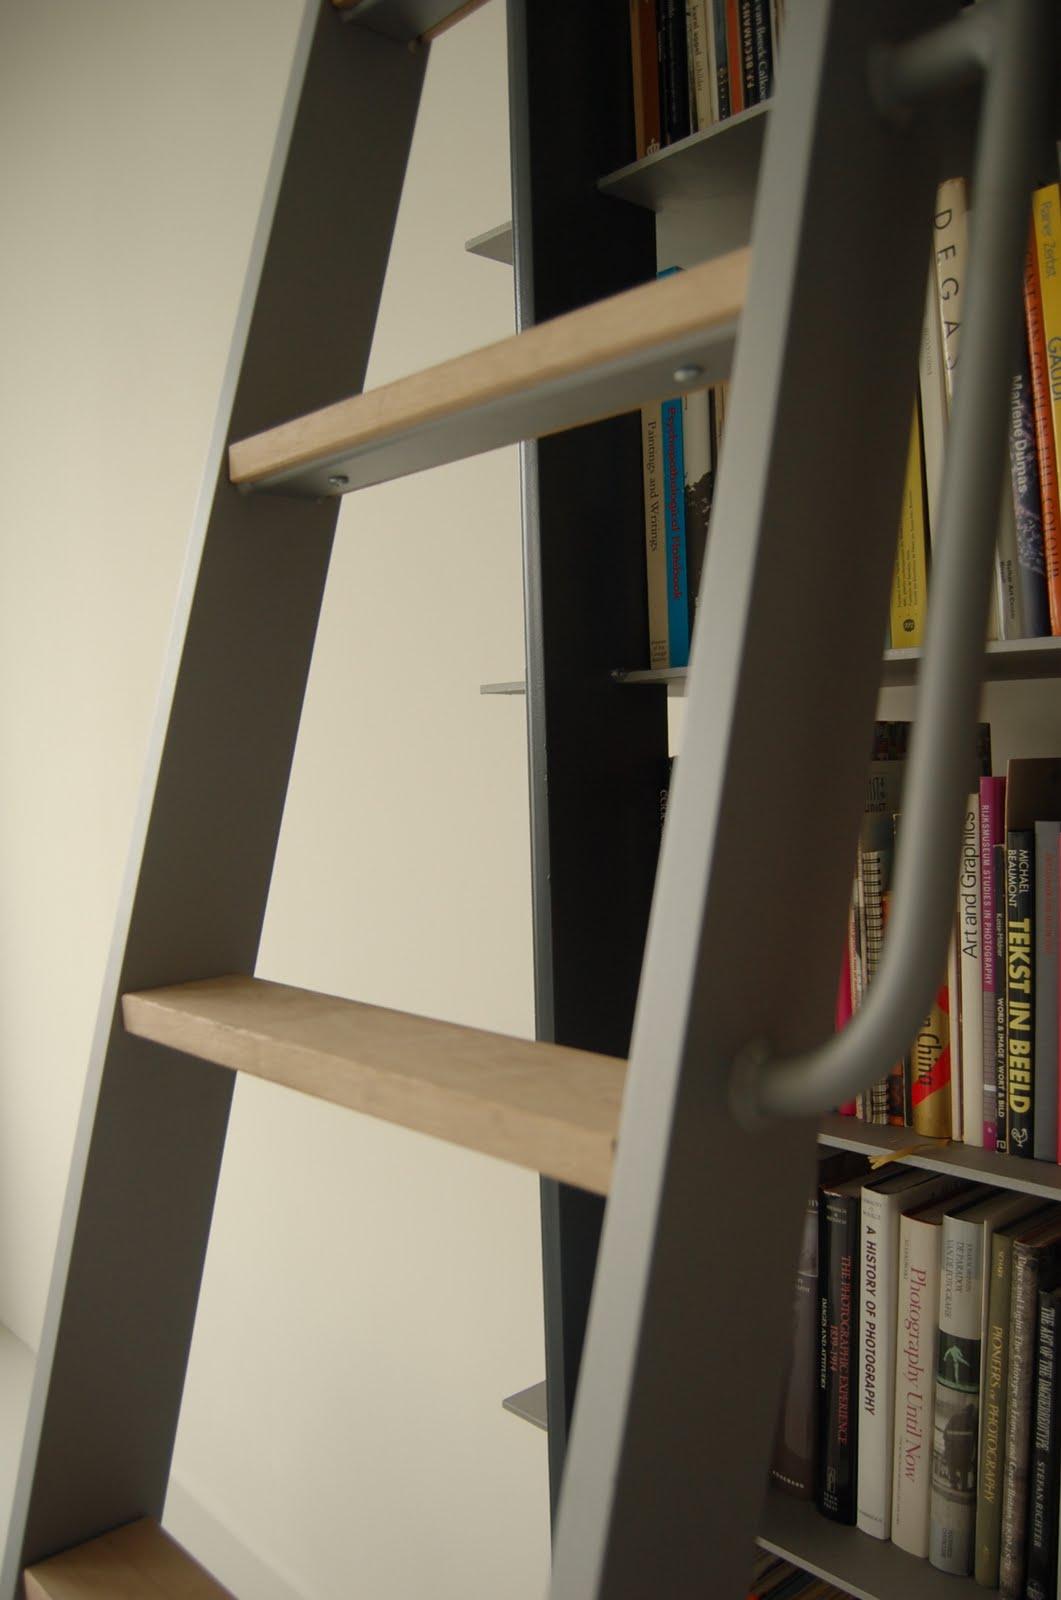 zon fraaie kast annex entresol geheel uit staal opgetrokken verdient een mooie metalen ladder de ladder heeft treden van eiken is bijzonder solide bij